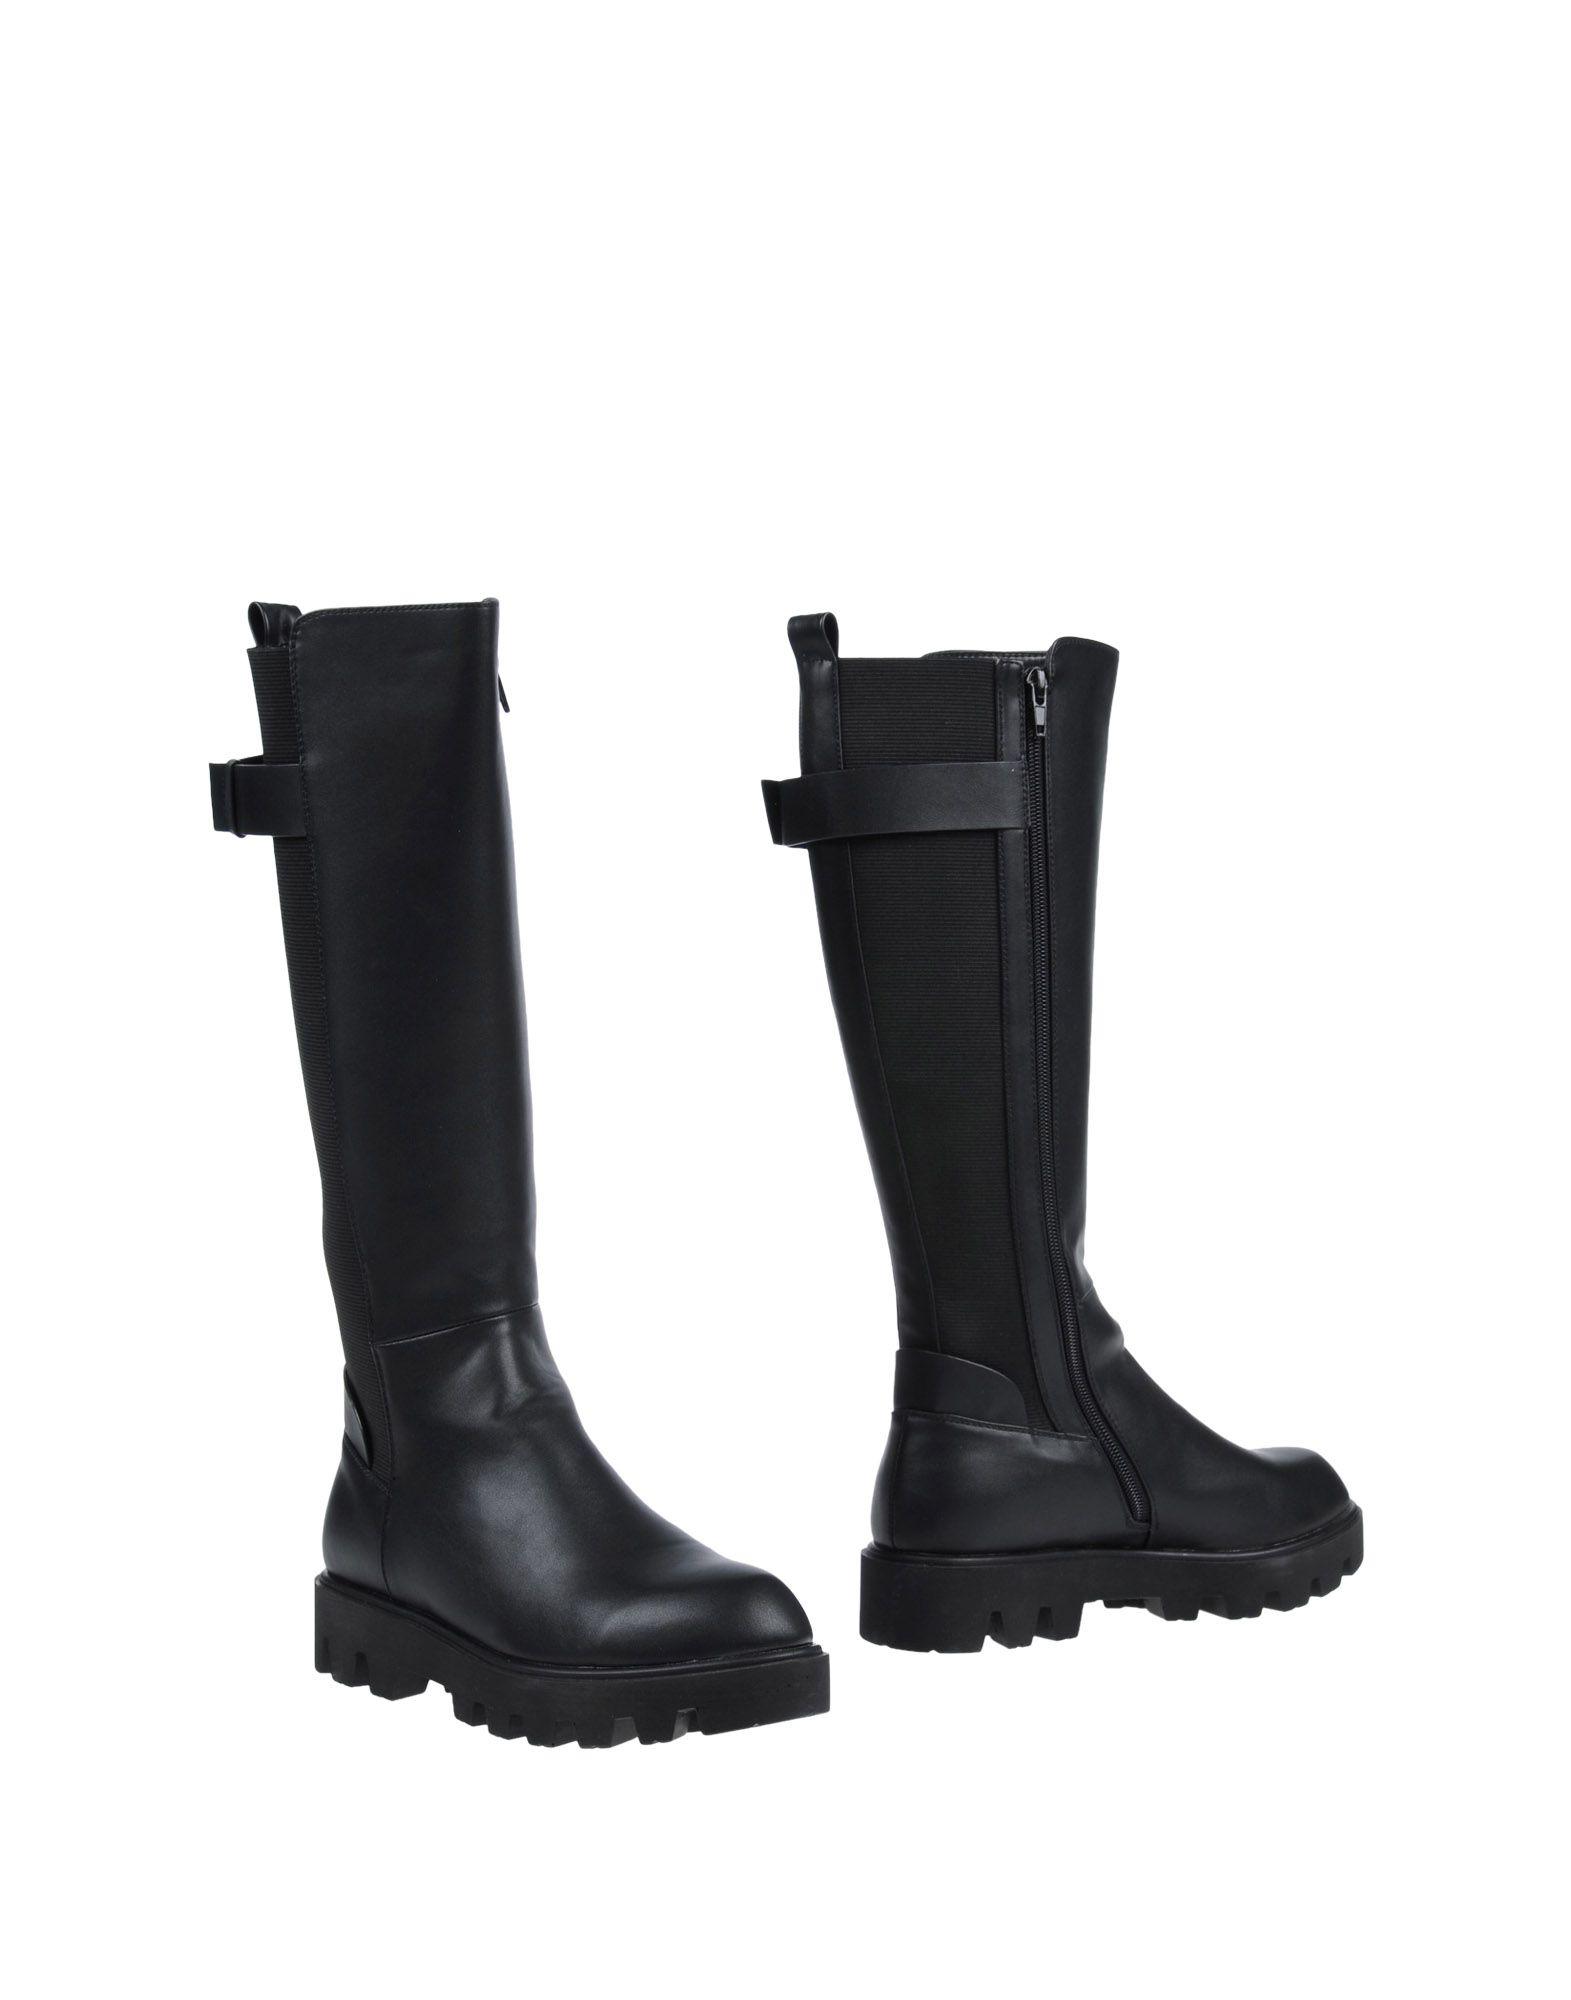 Police 883 Stiefel Qualität Damen  11441034FE Gute Qualität Stiefel beliebte Schuhe a81add